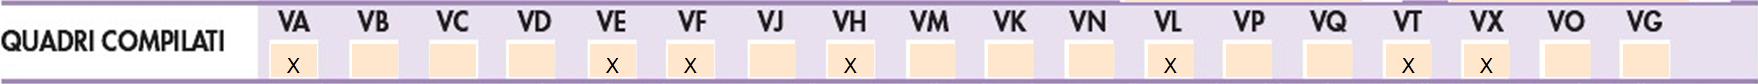 """Iva e Iva Base 2021: quadro VH quando e perché: nella sezione """"quadri compilati"""" del VL è valorizzato il campo del VH"""